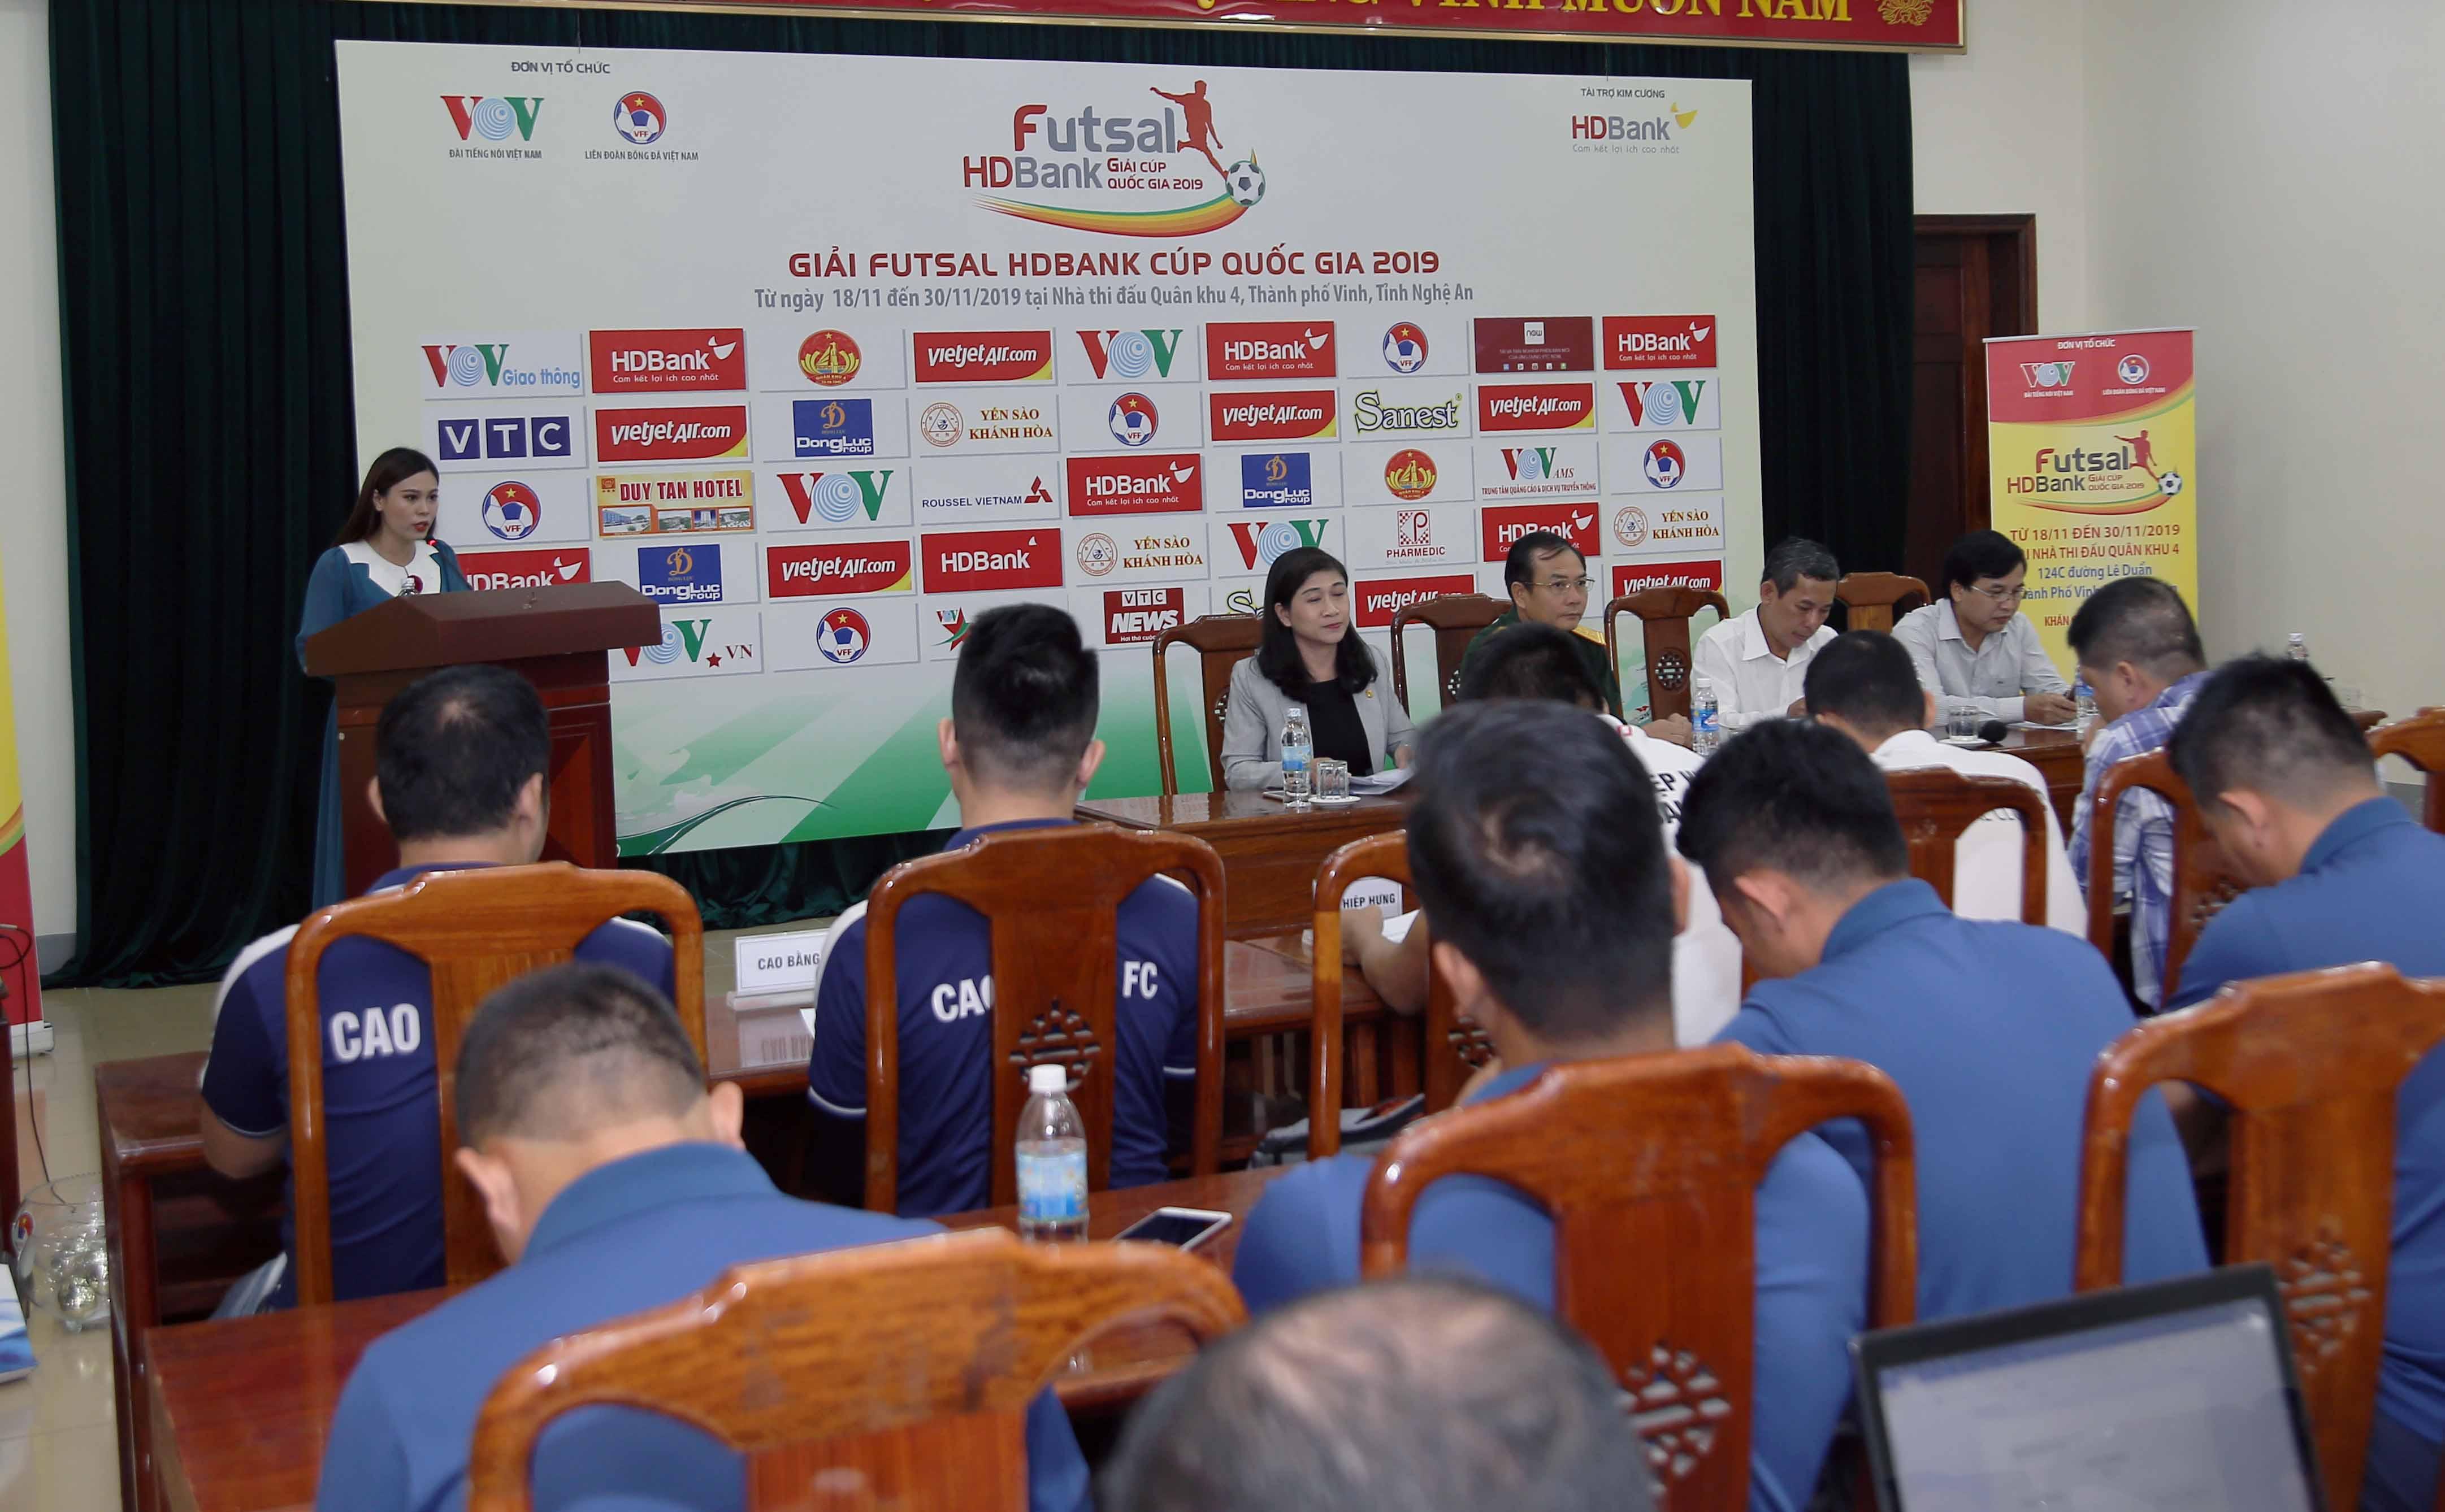 Giải Futsal HDBank Cúp Quốc gia 2019: Vòng quay mới lại bắt đầu